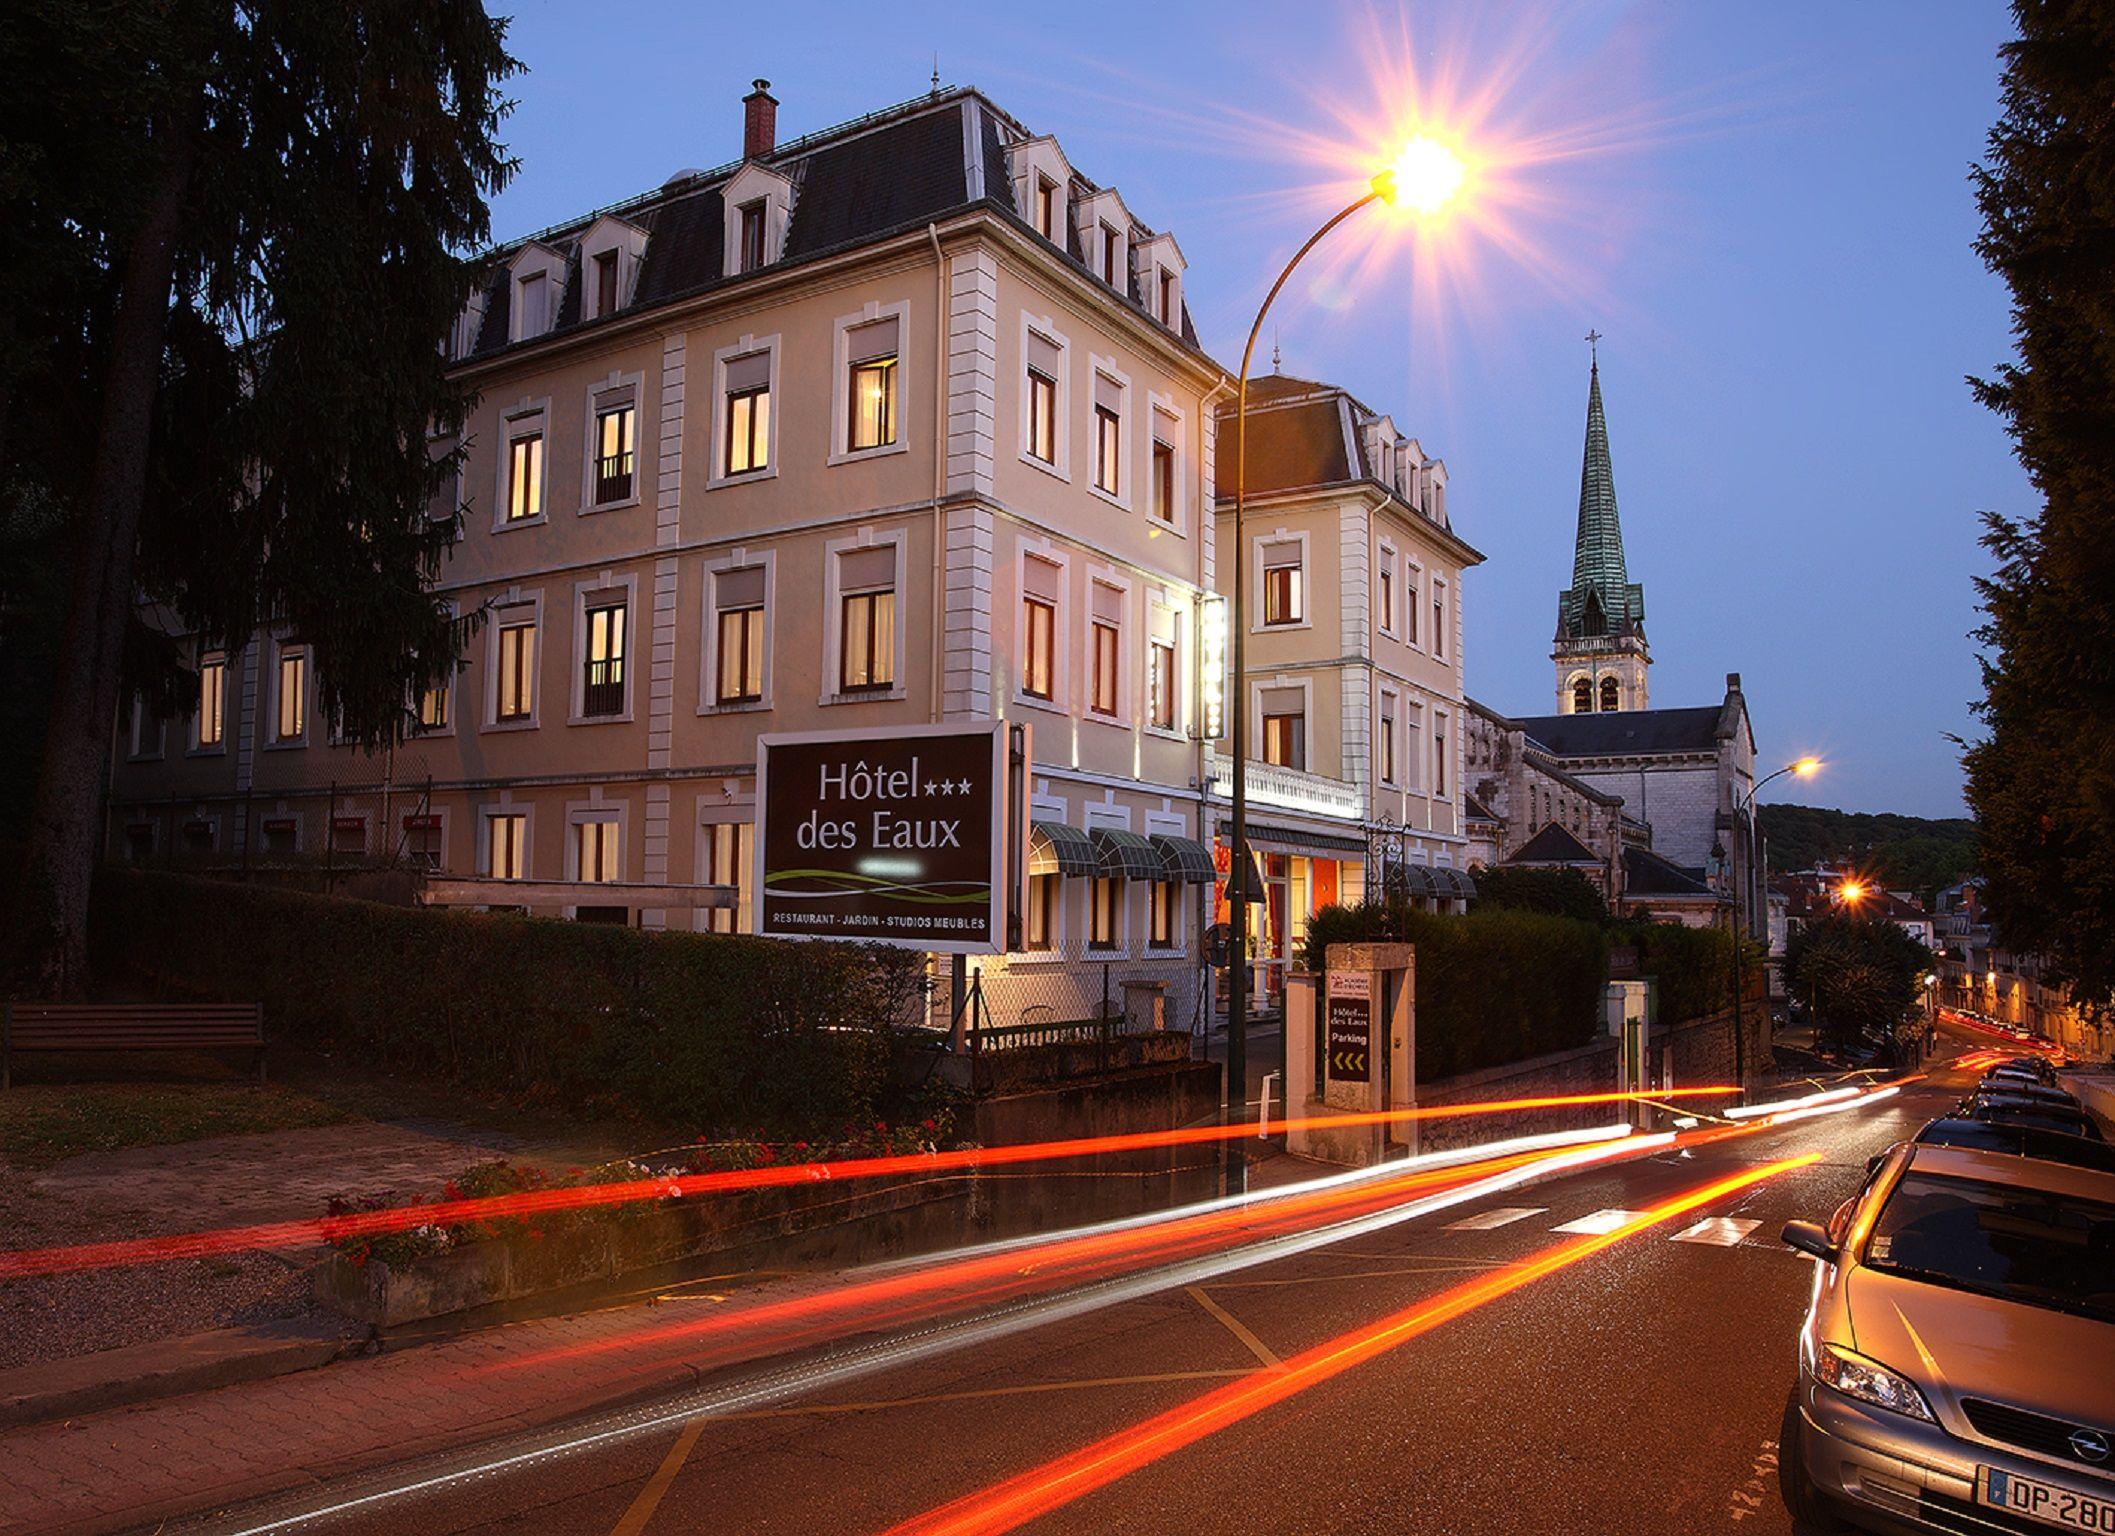 Hotel Des Eaux Aix Les Bains Aix Les Bains Hotel Bains